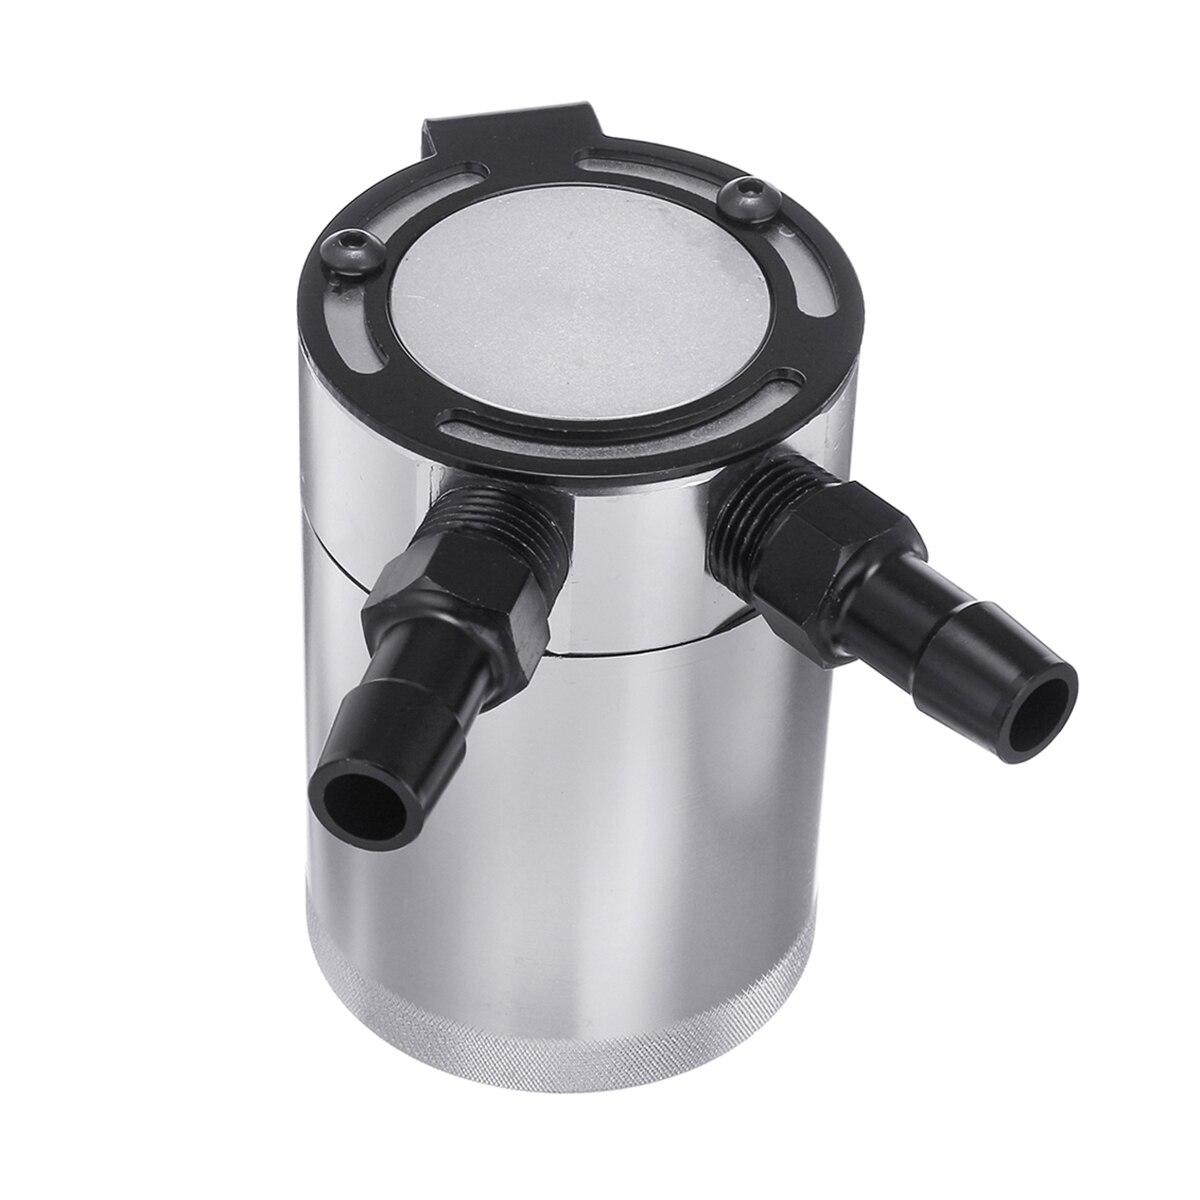 Auto Kompakte Verblüfft 2-Port Aluminium Öl Fangen Können Reservoir Tank Öl Fangen Können Kraftstoff Tank Teile Zwei loch atmungsaktive Wasserkocher